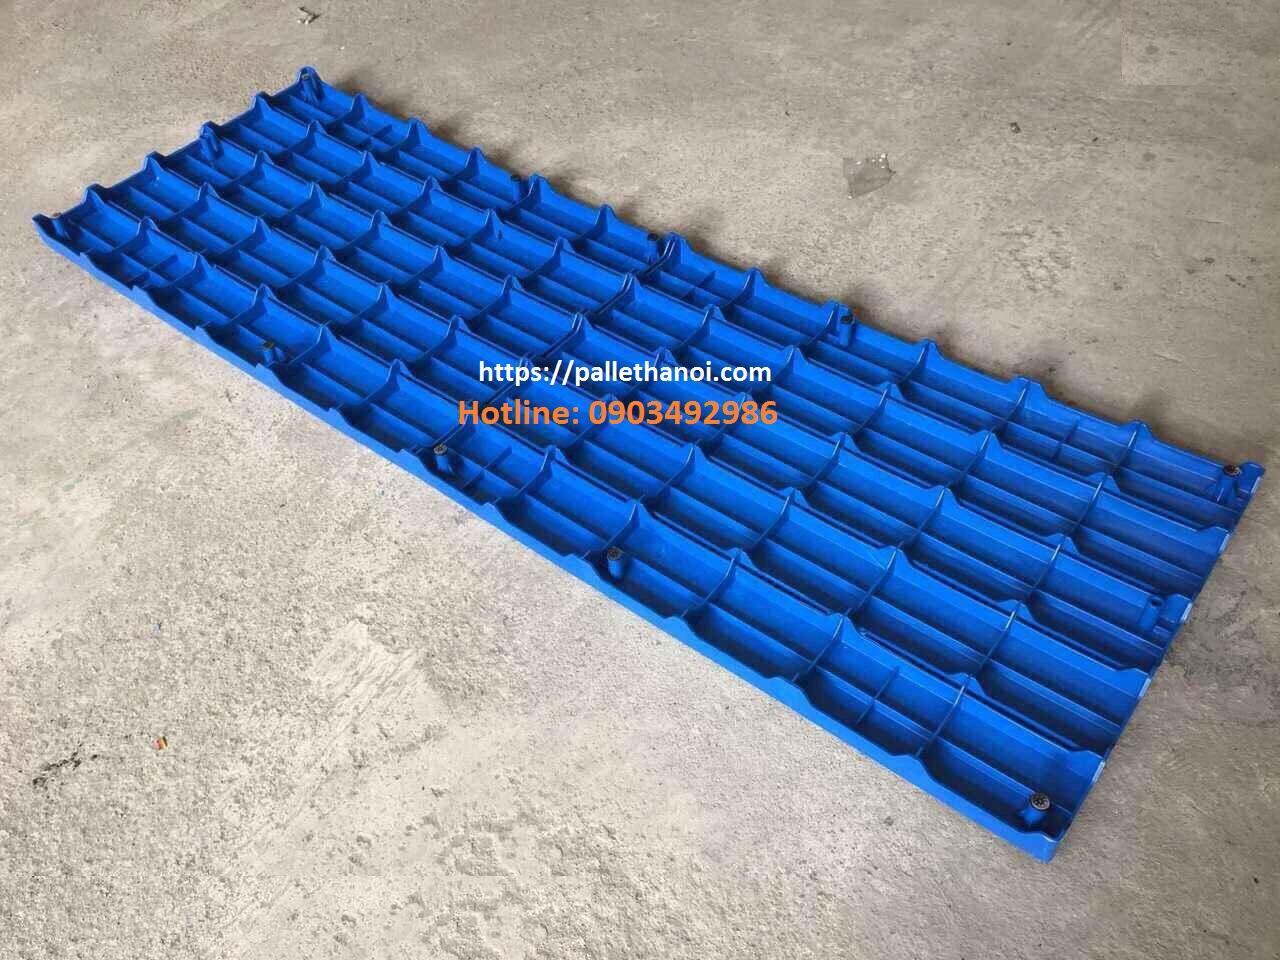 pallet lót sàn 1800x600x50mm